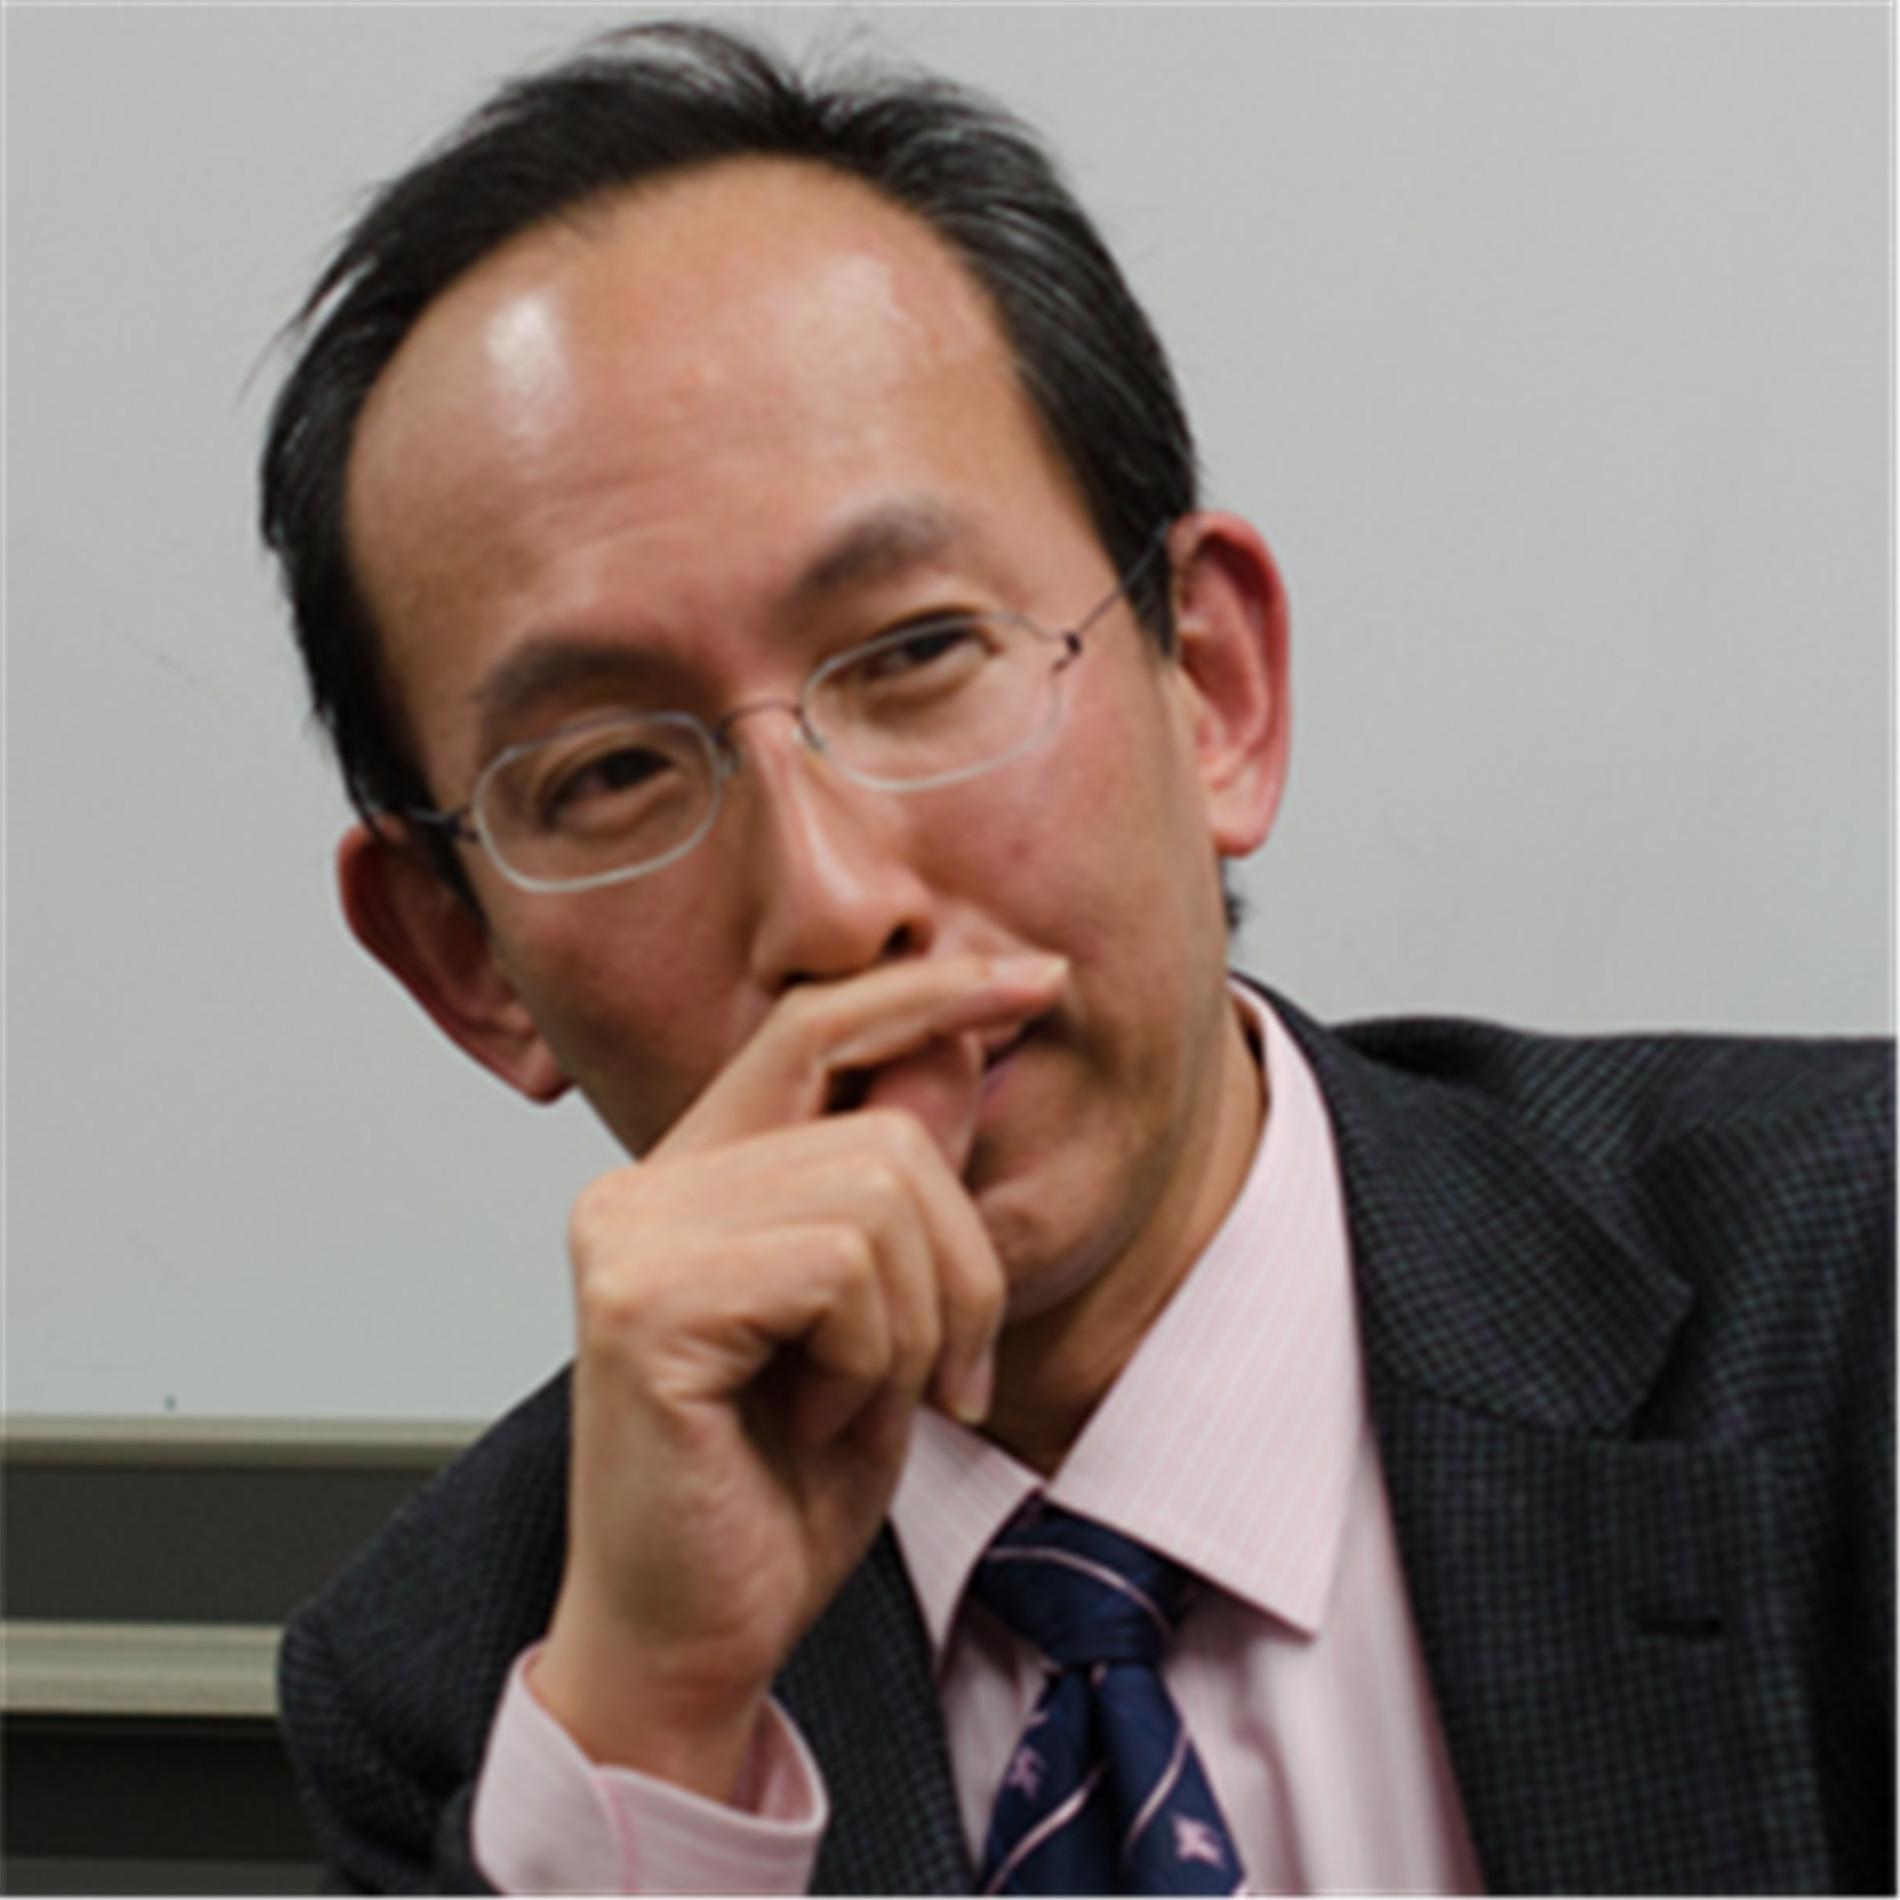 东京大学教授日本国家信息研究所所长喜连川优照片